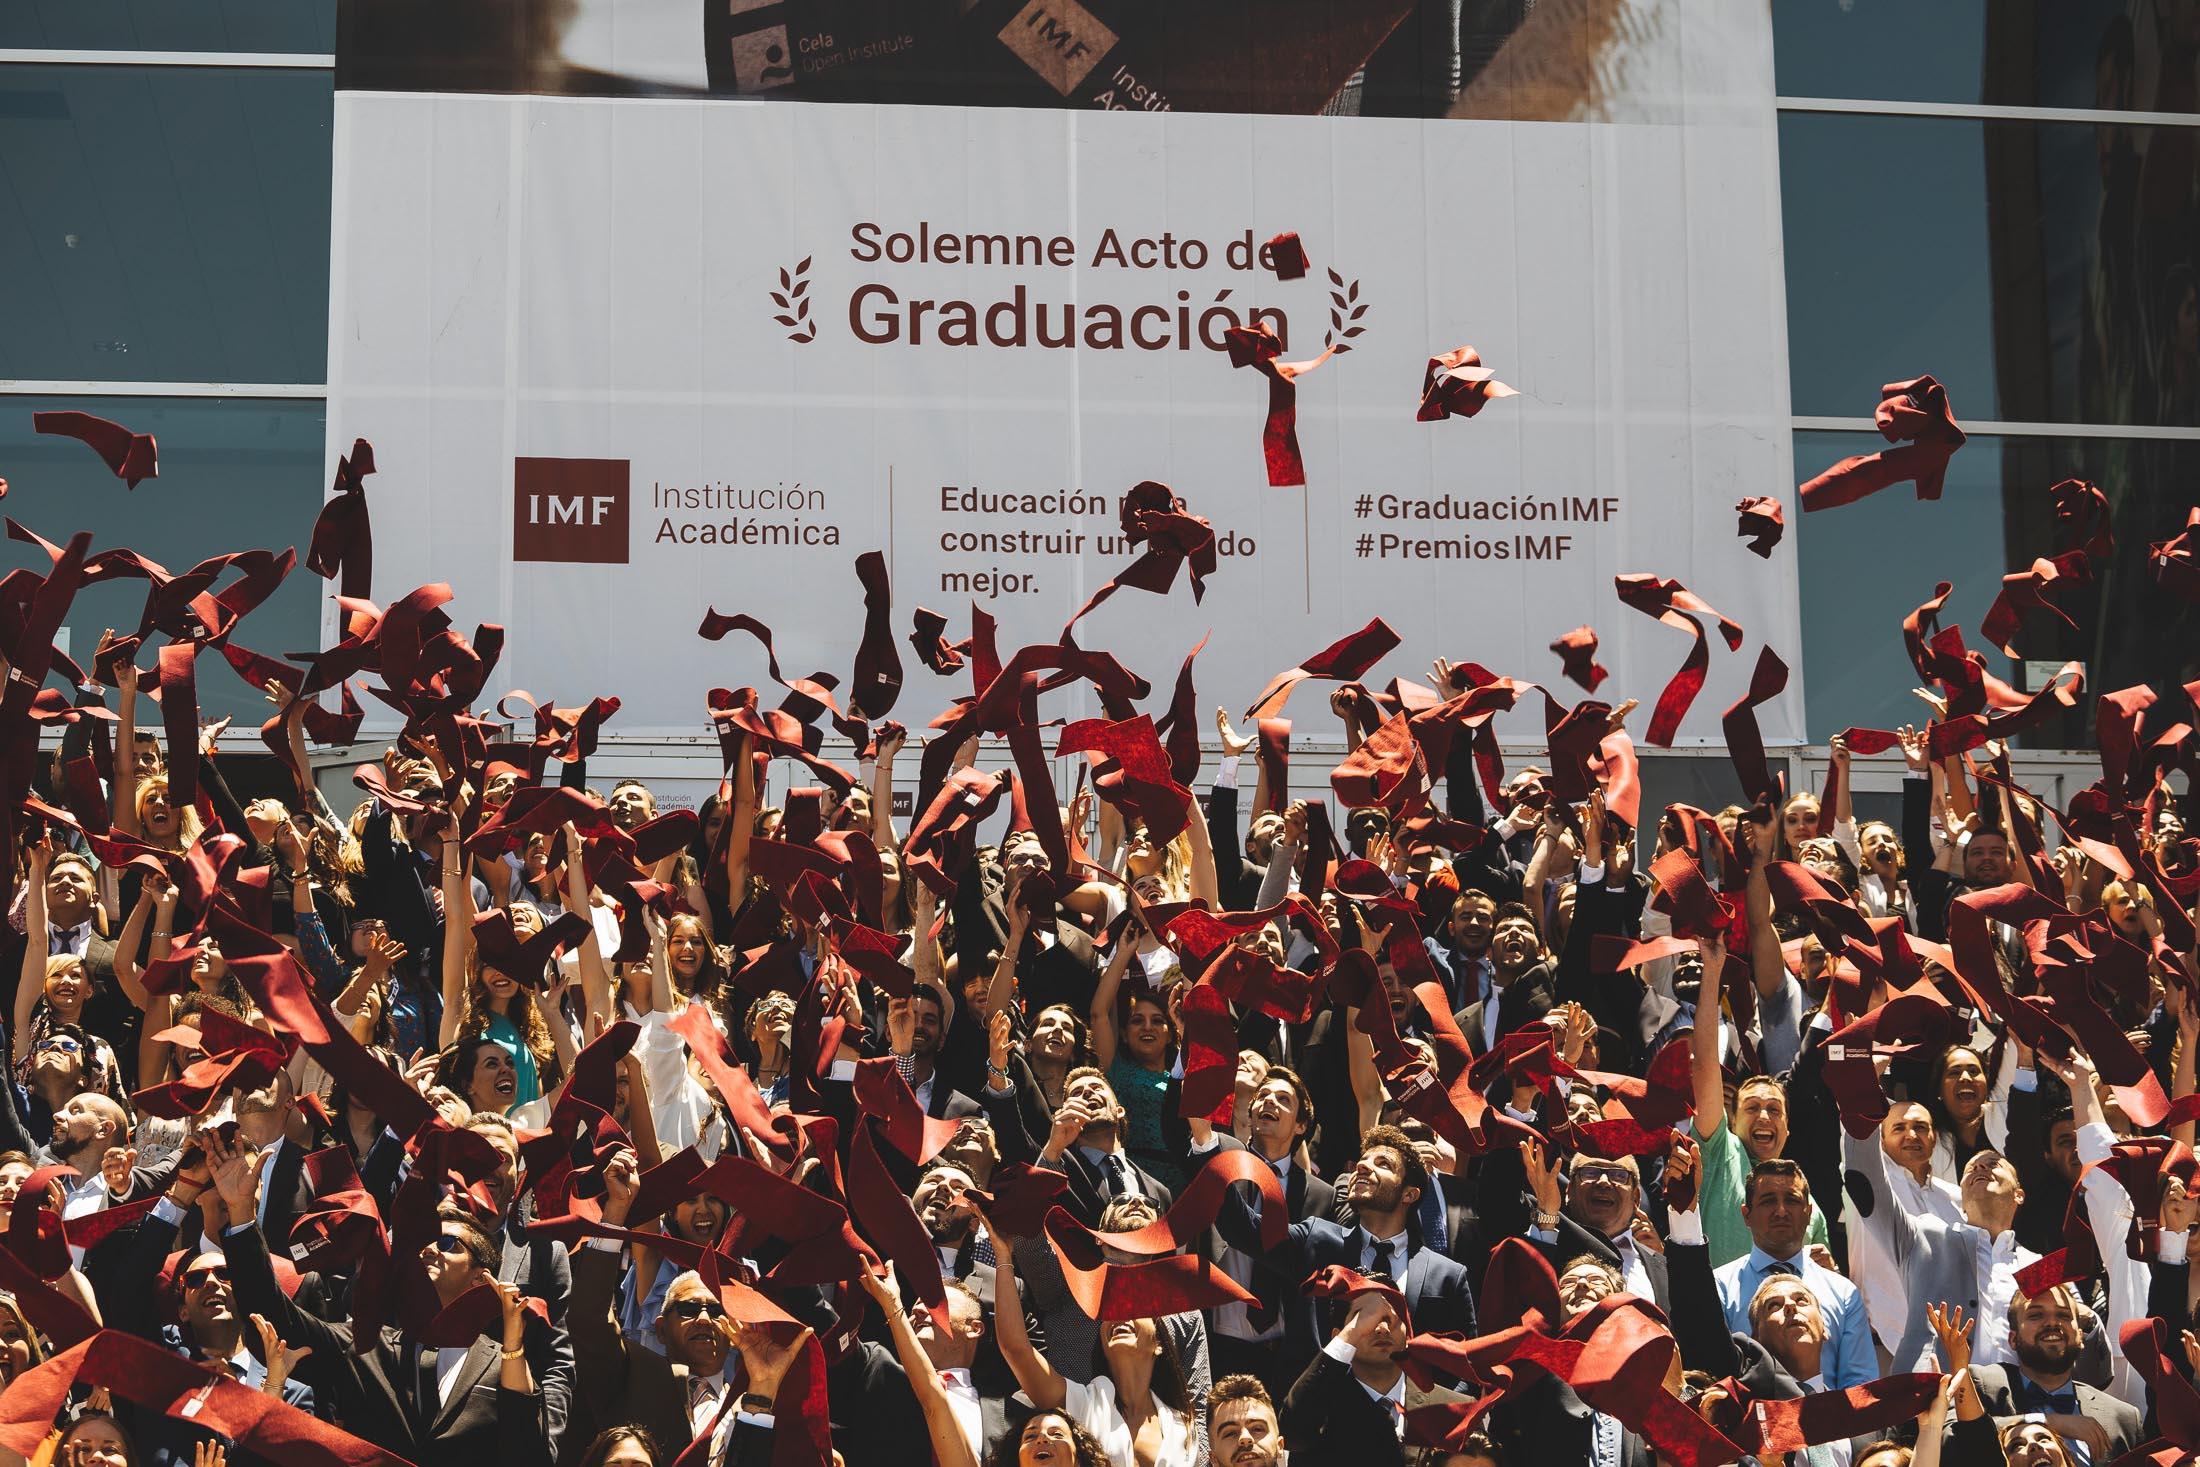 graduacion-imf-2019 IMF Institución Académica celebra una Graduación con guiño a la diversidad #IMFparatodos